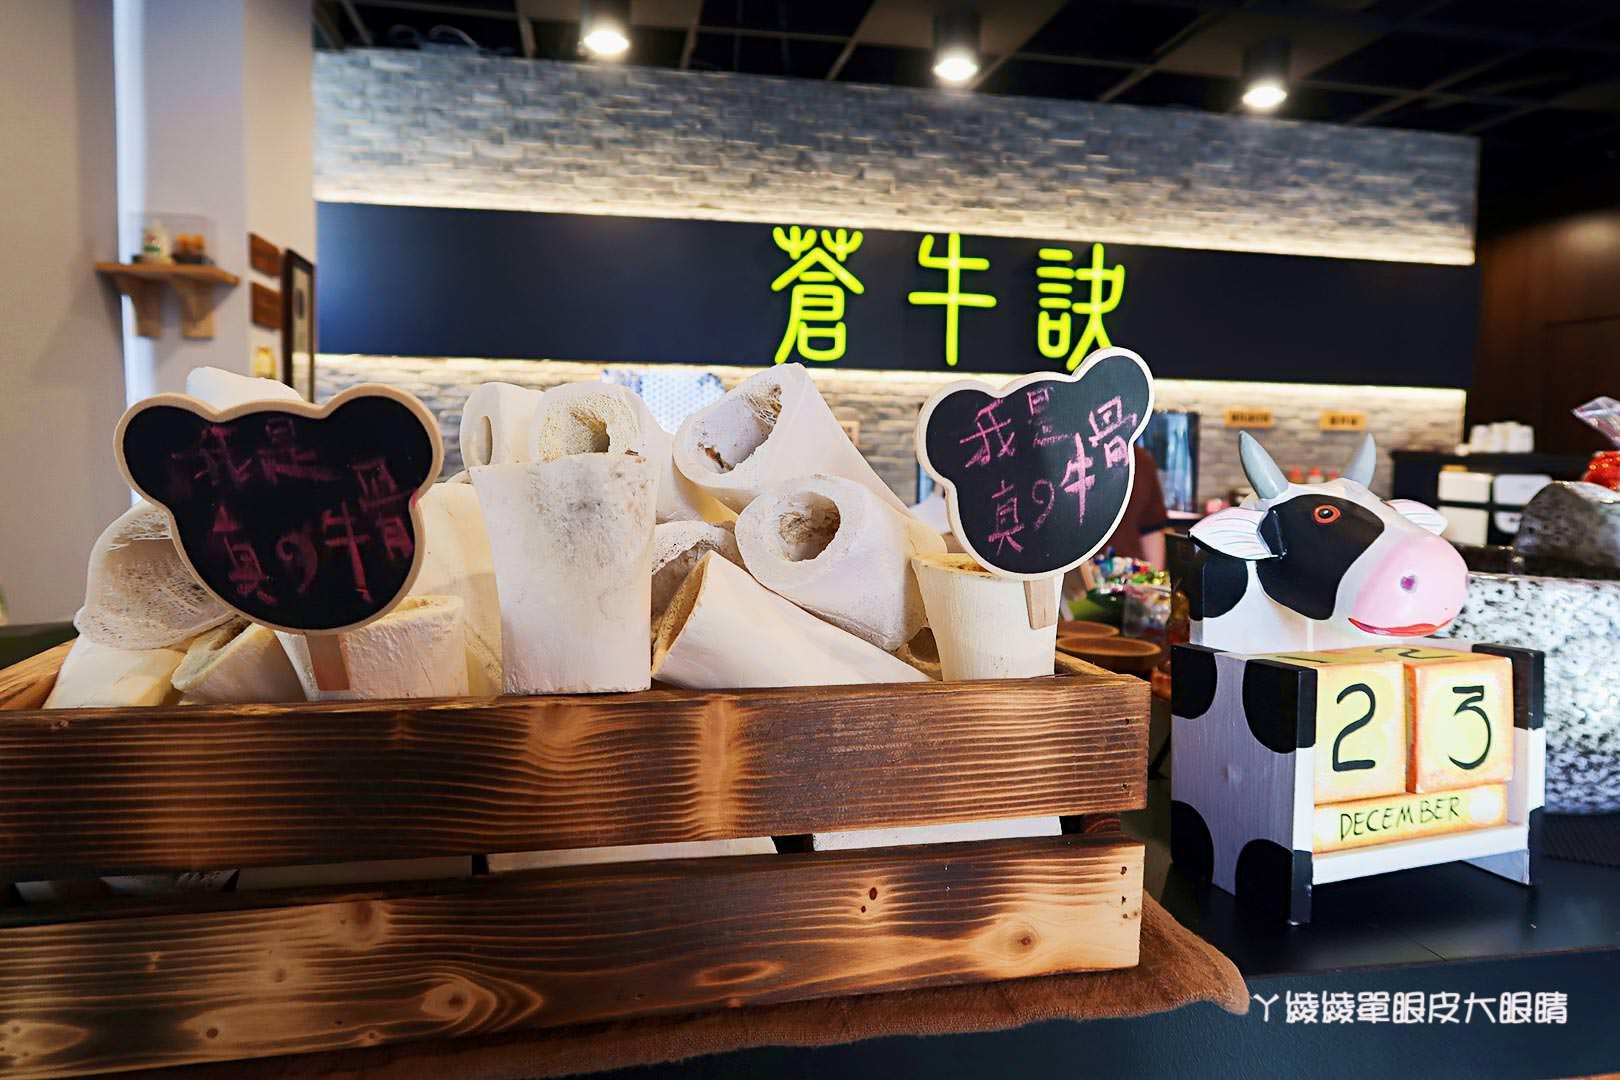 新竹牛肉麵推薦蒼牛訣 心訣牛肉麵,竹北好吃牛肉麵還有這家啦!